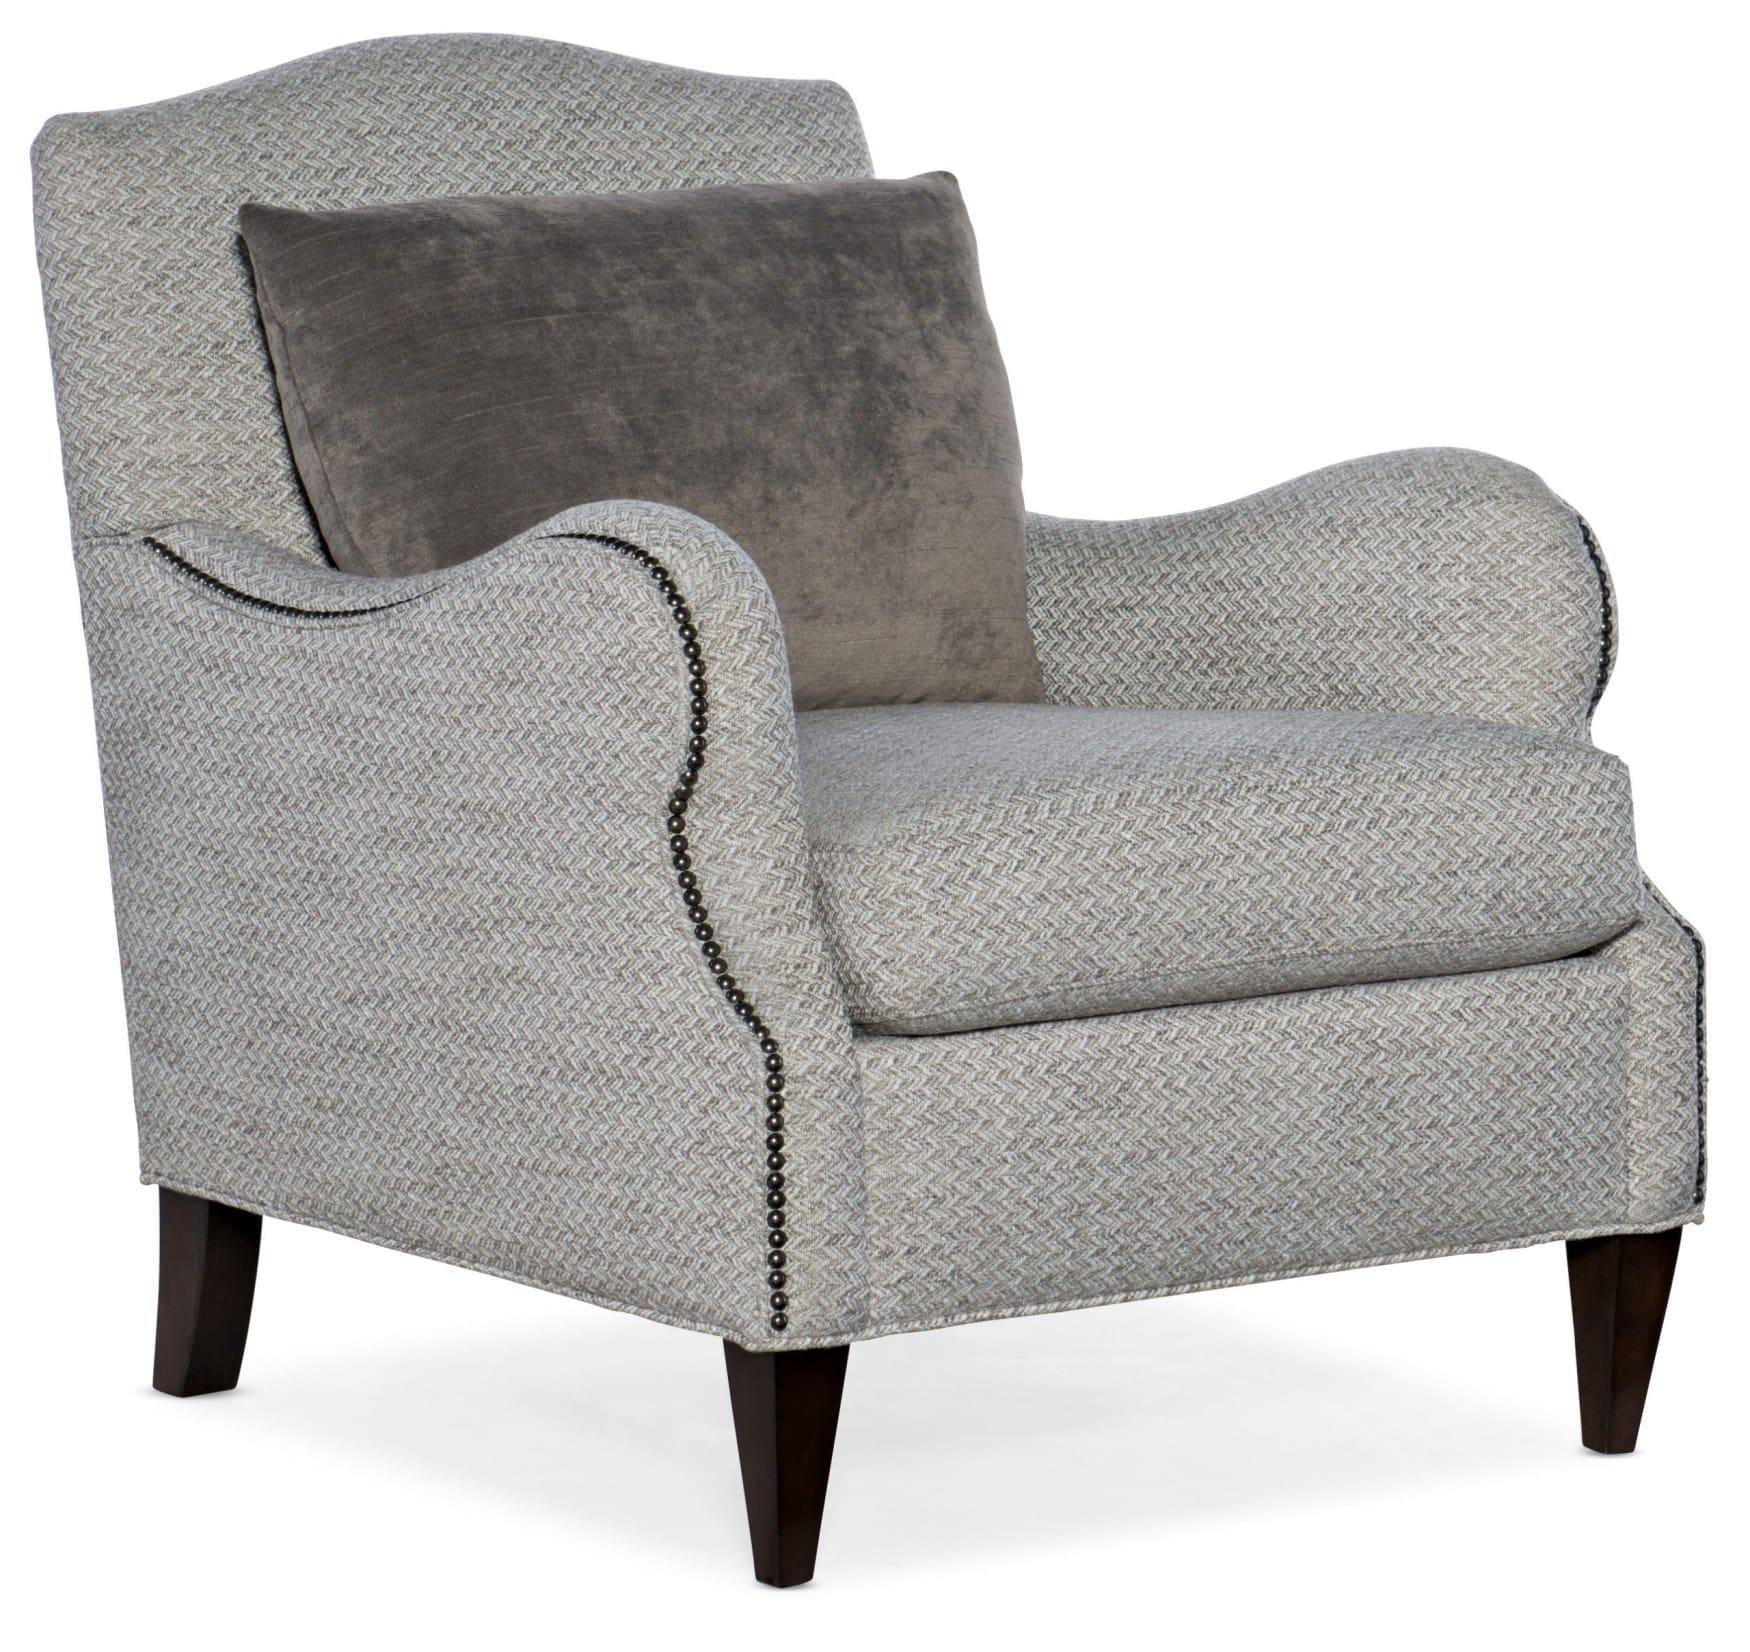 Maddie Club Chair